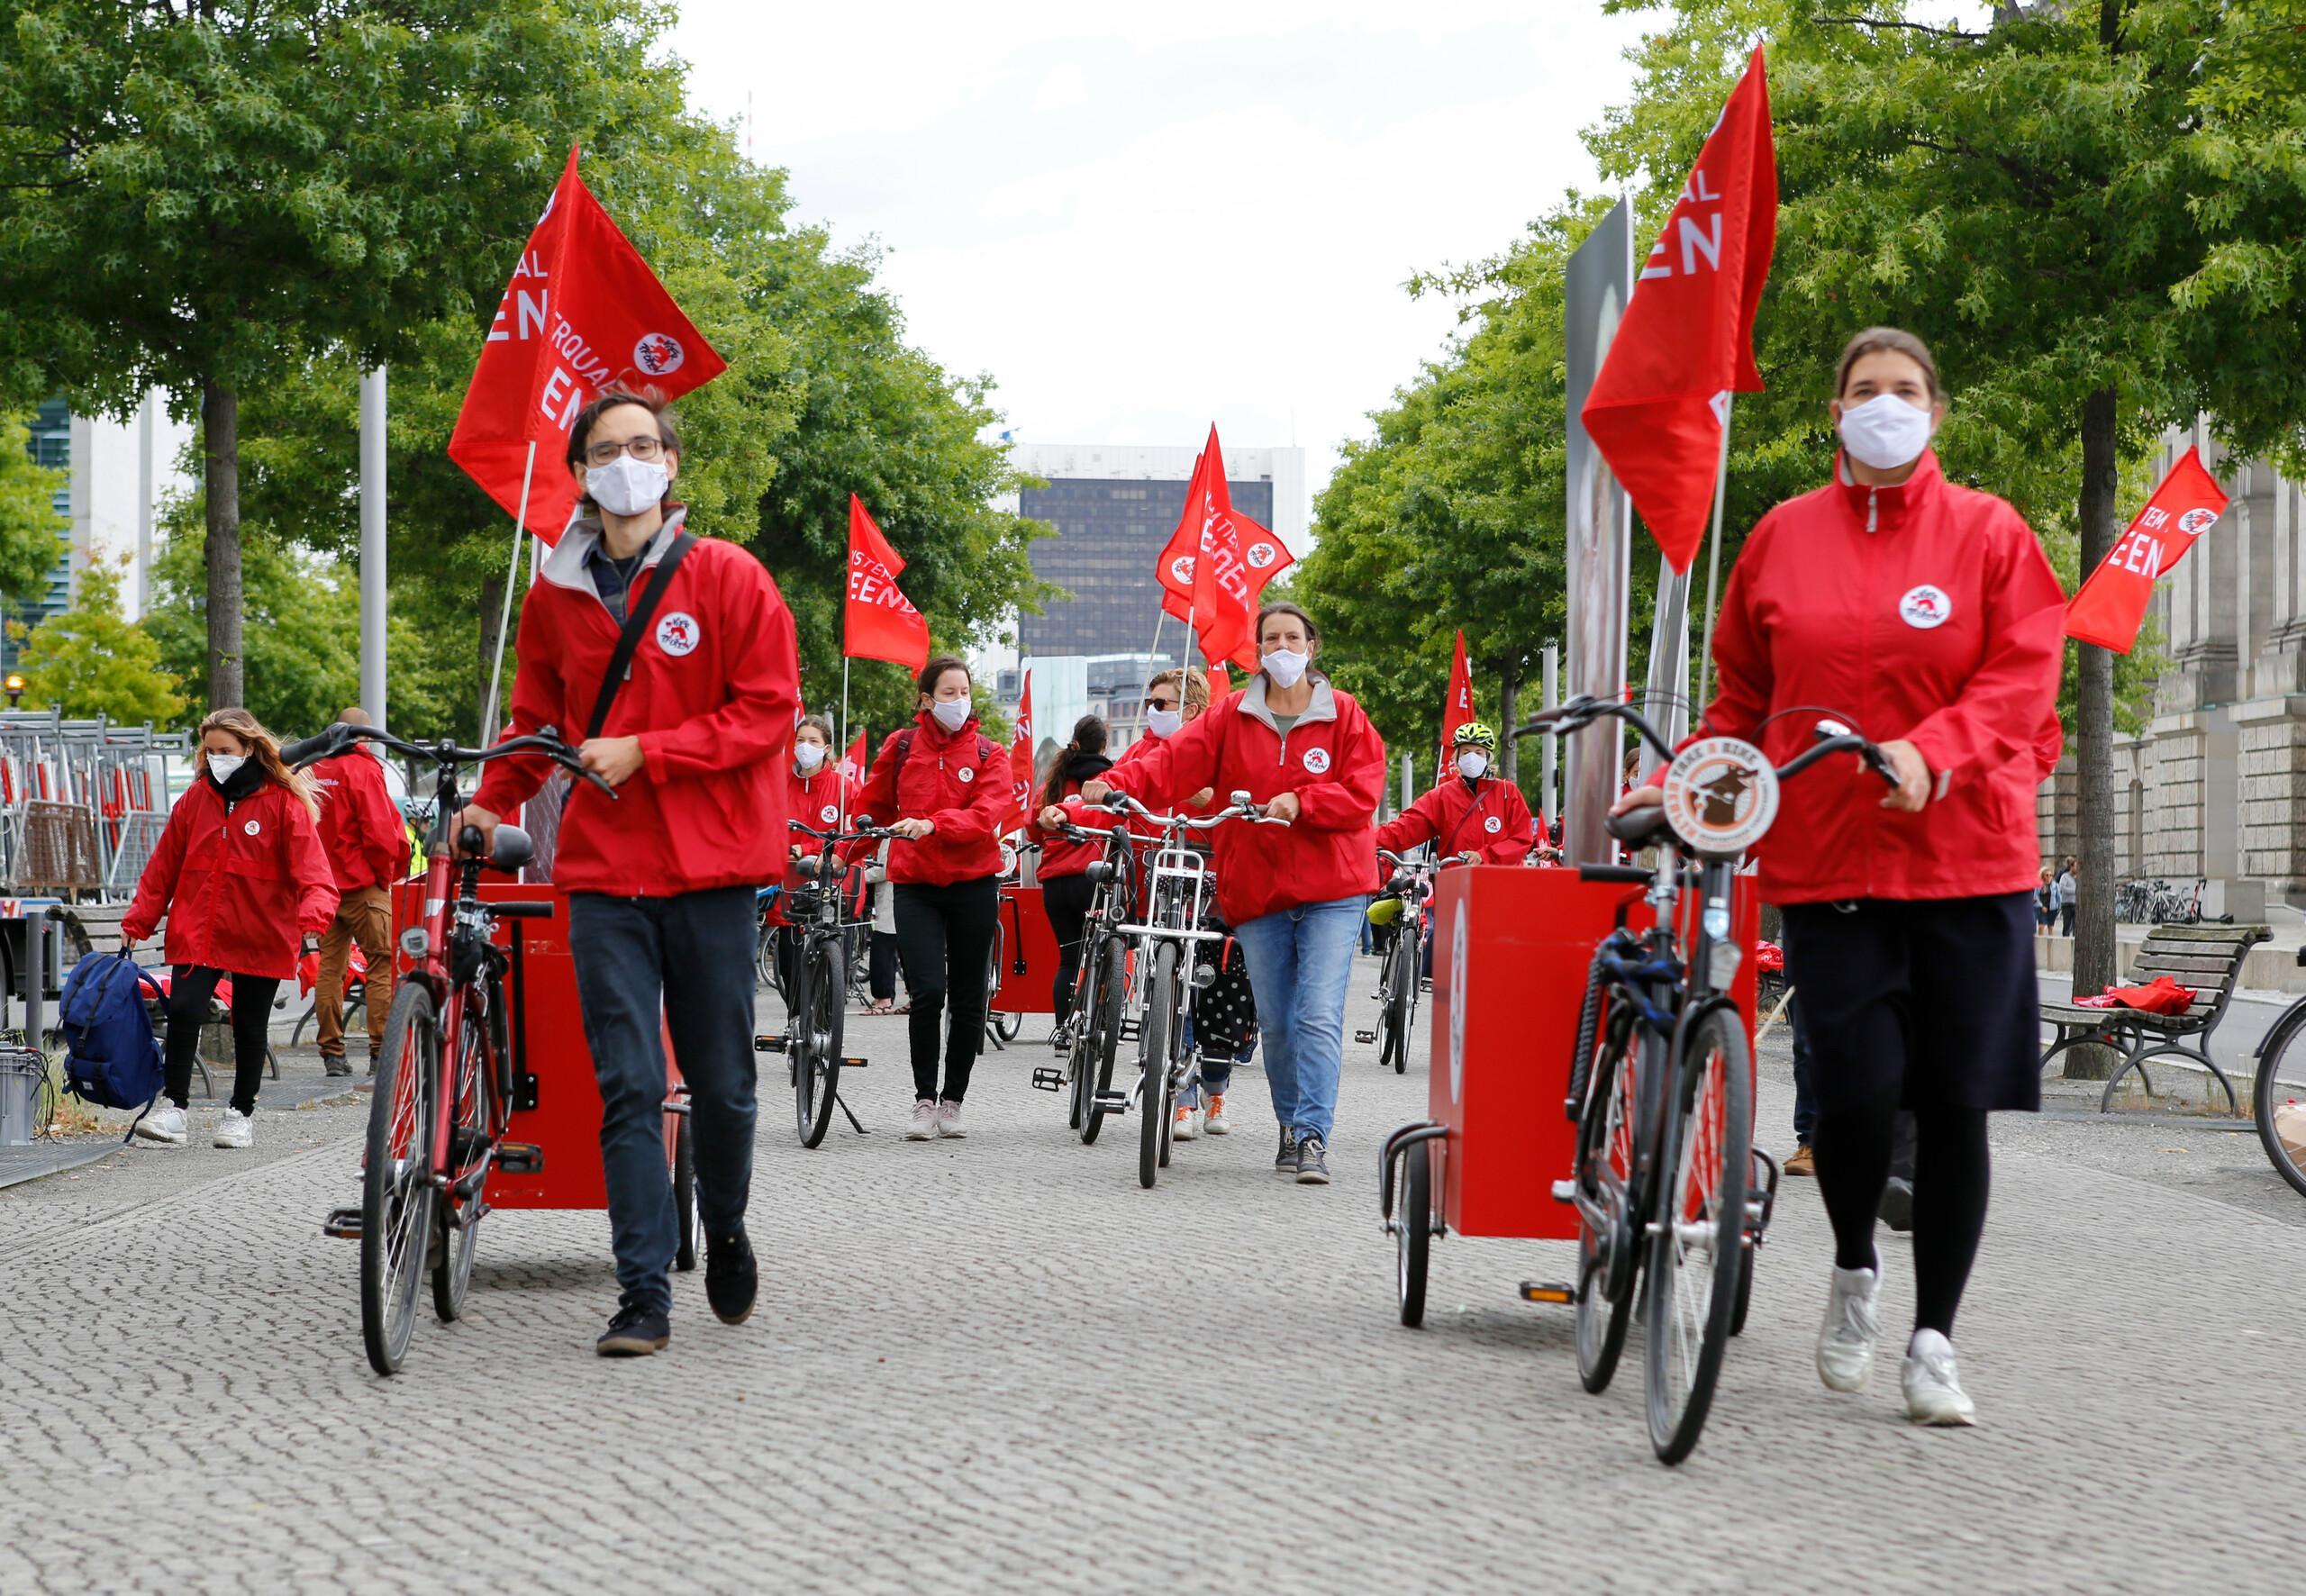 Fahrraddemo zur AM am 27. August 2020 in Berlin